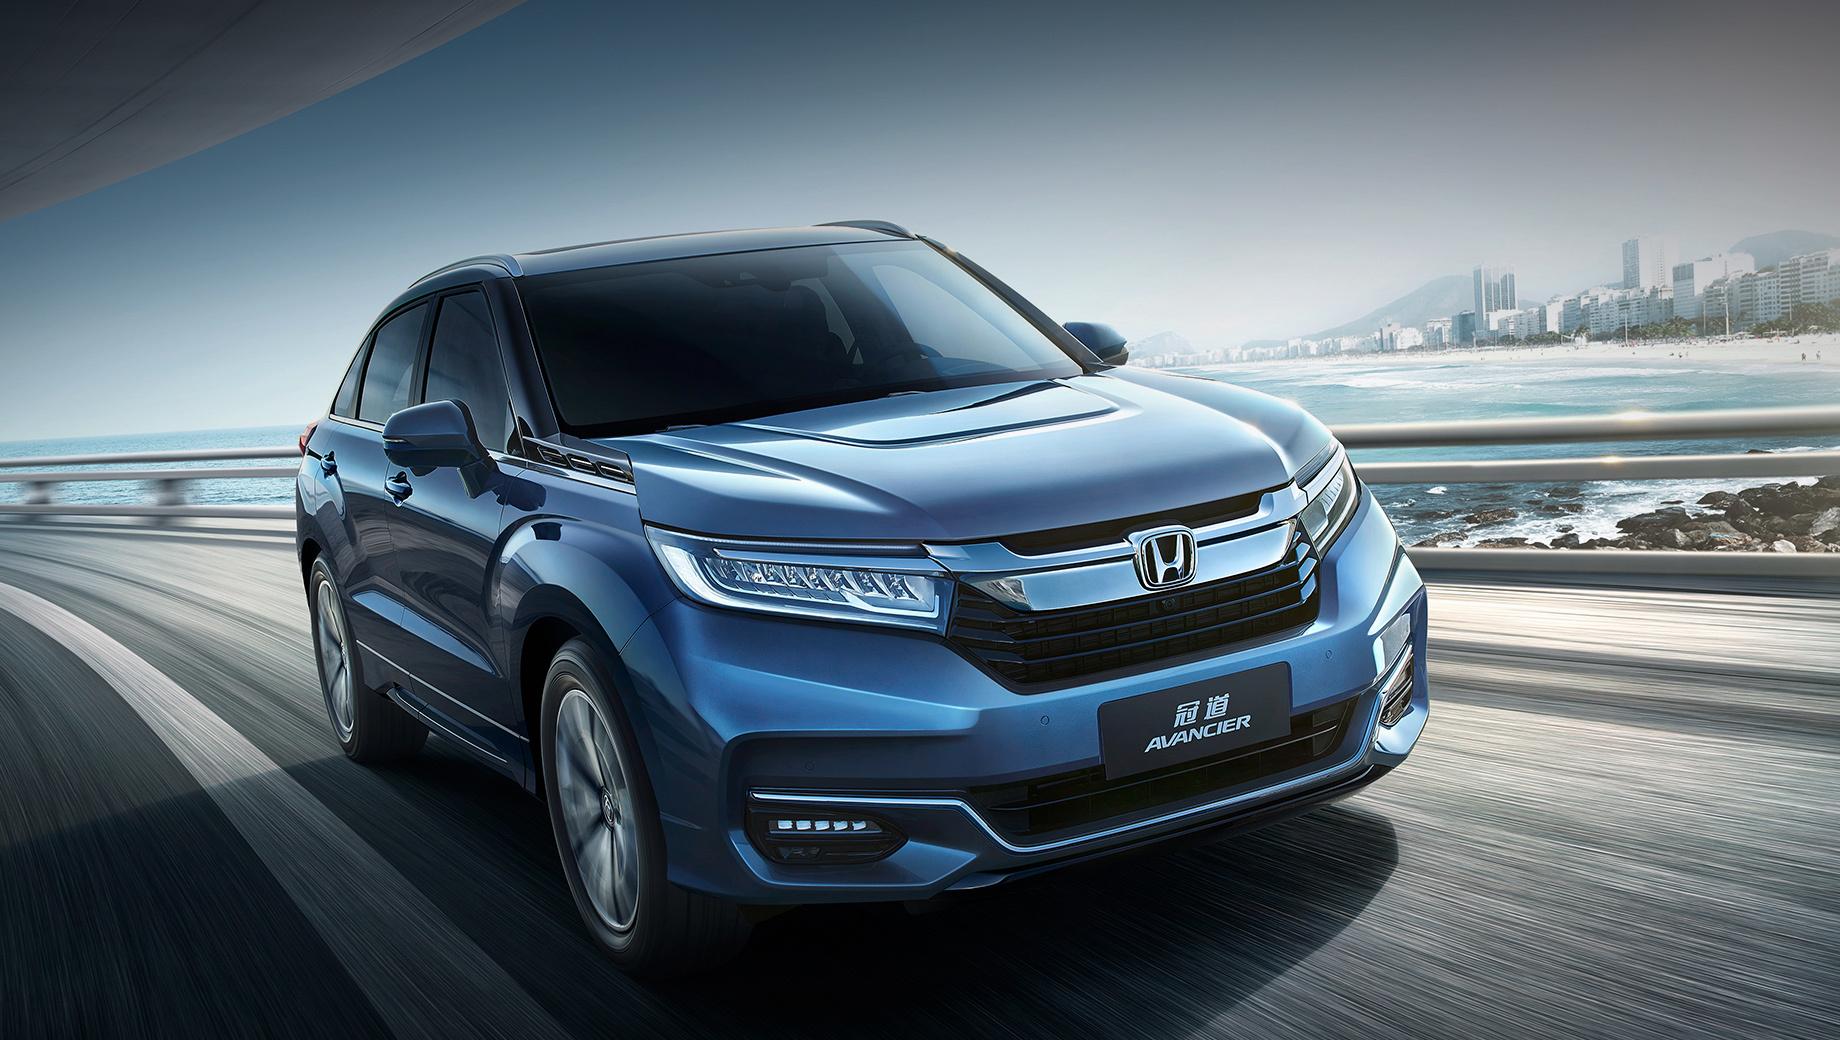 Honda avancier. Паркетник Honda Avancier, базирующийся на платформе Пилота, в Китае продаётся неплохо. В период с 2017 по 2019 год было продано 238 455 машин. Для сравнения, брат-близнец Honda UR-V за то же время разошёлся тиражом 117 703 штуки.